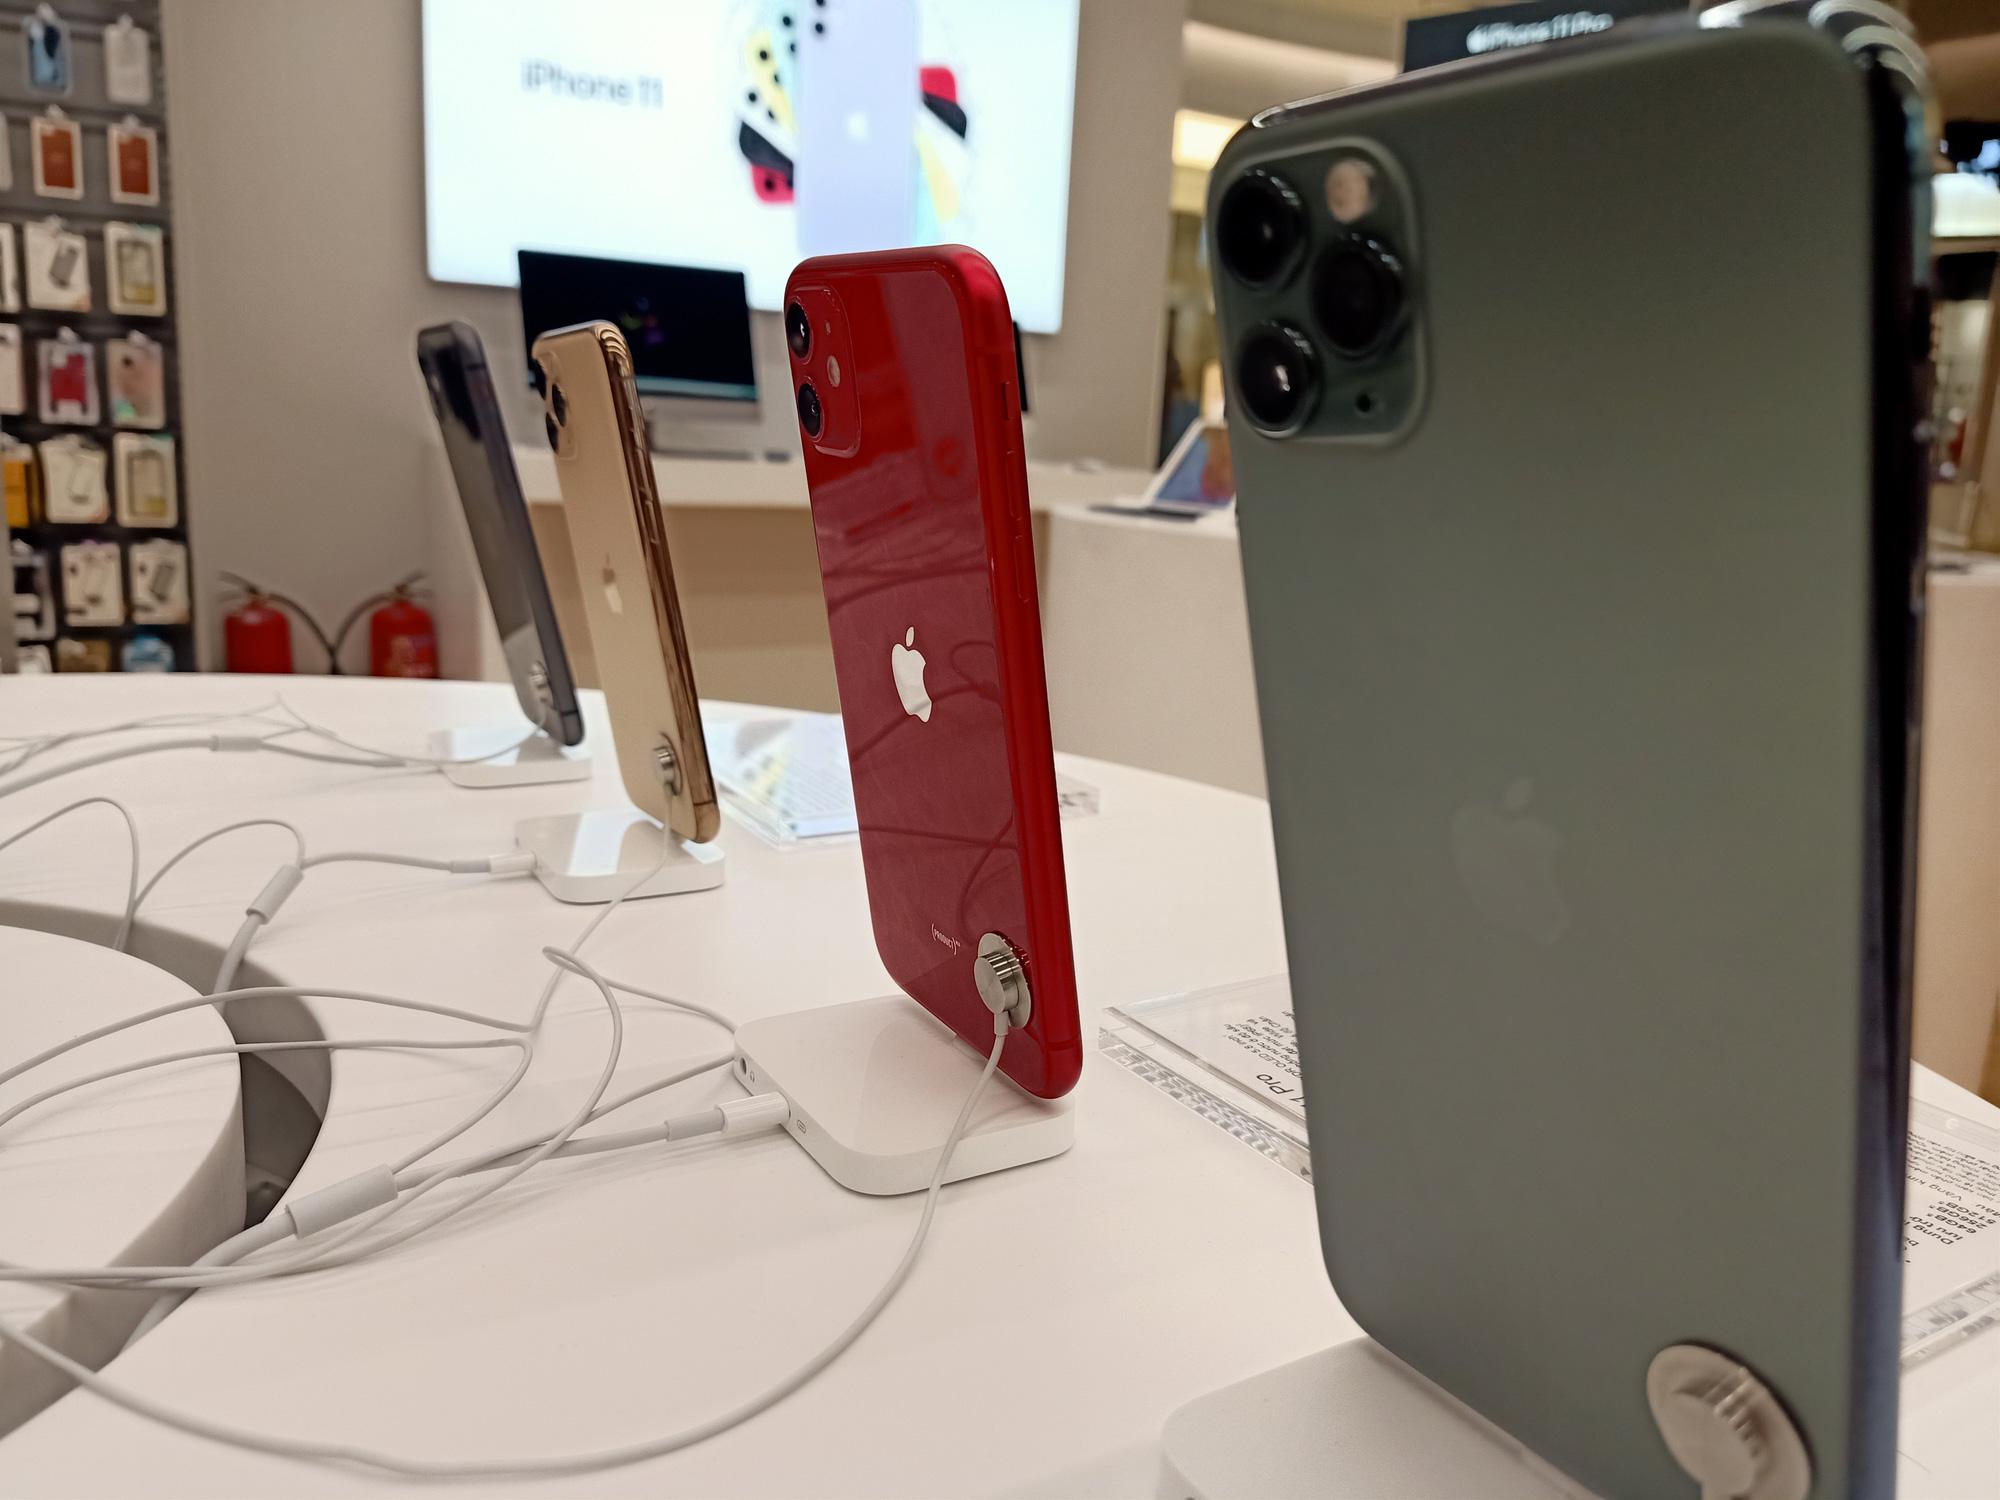 Điện thoại giảm giá tuần này: Điện thoại cao cấp có phần im ắng so với các phân khúc khác - Ảnh 1.